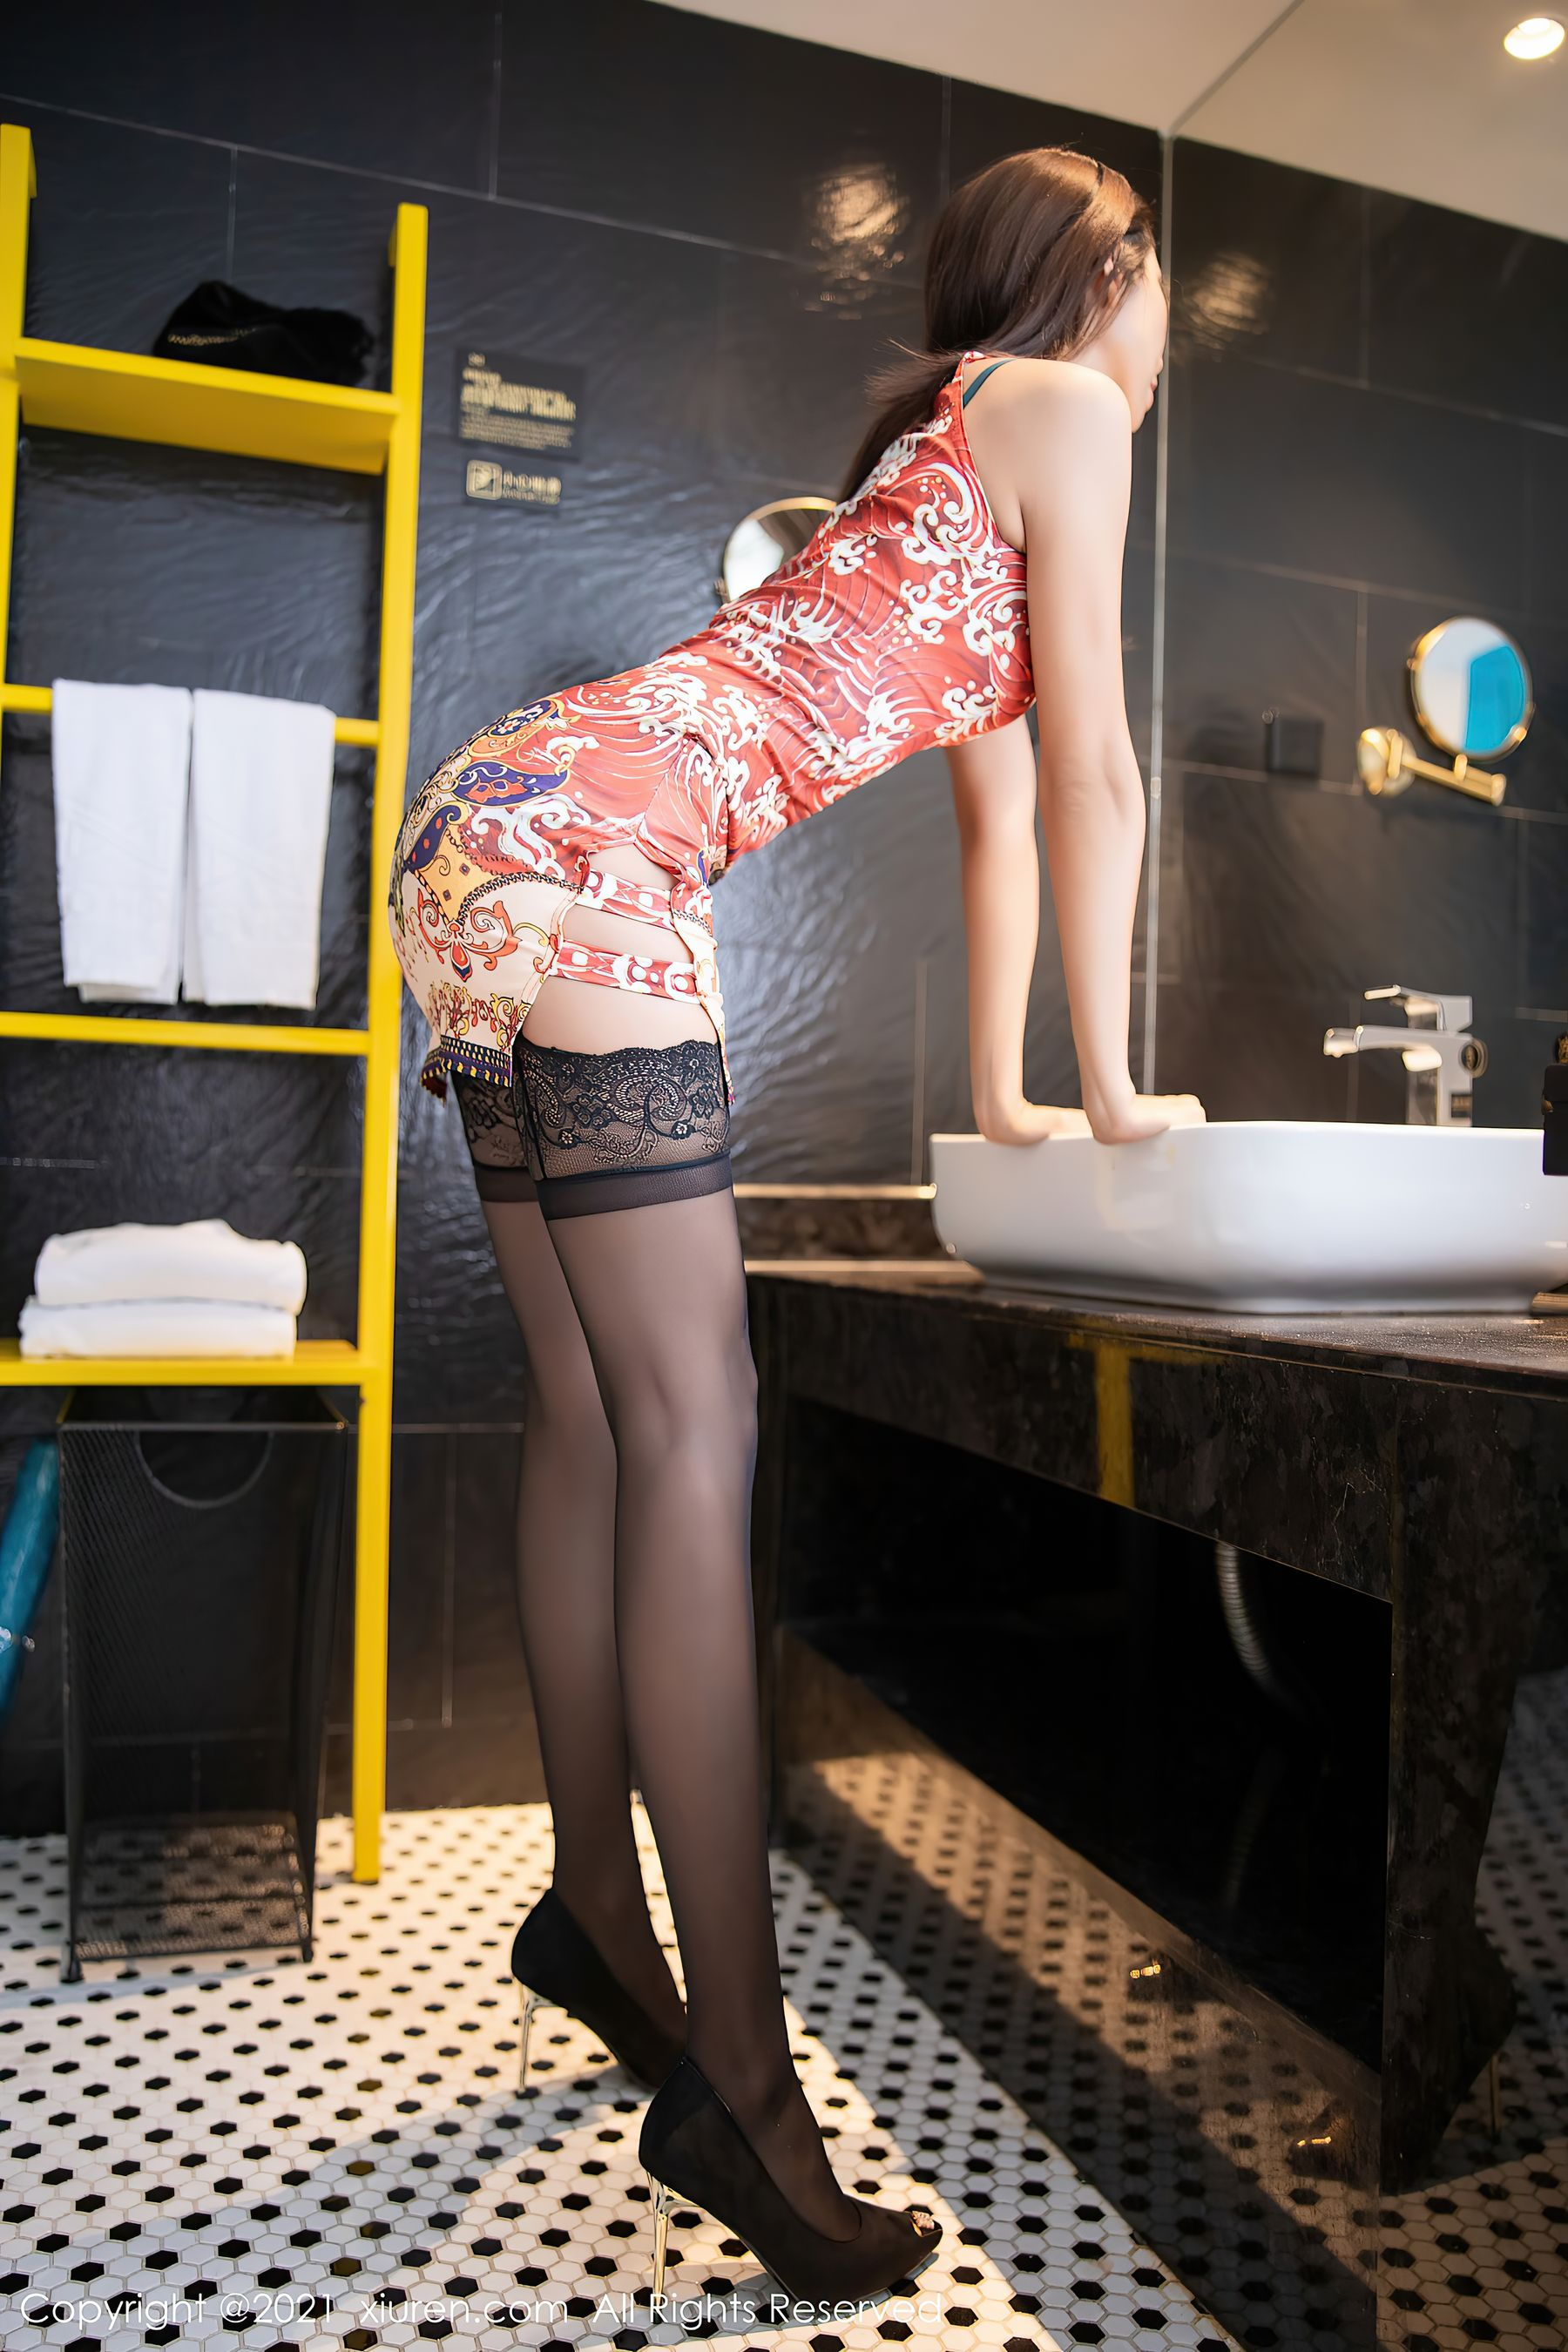 VOL.924 [秀人网]丝袜女郎黑丝美腿:陈良玲(陈良玲Carry)超高清写真套图(68P)